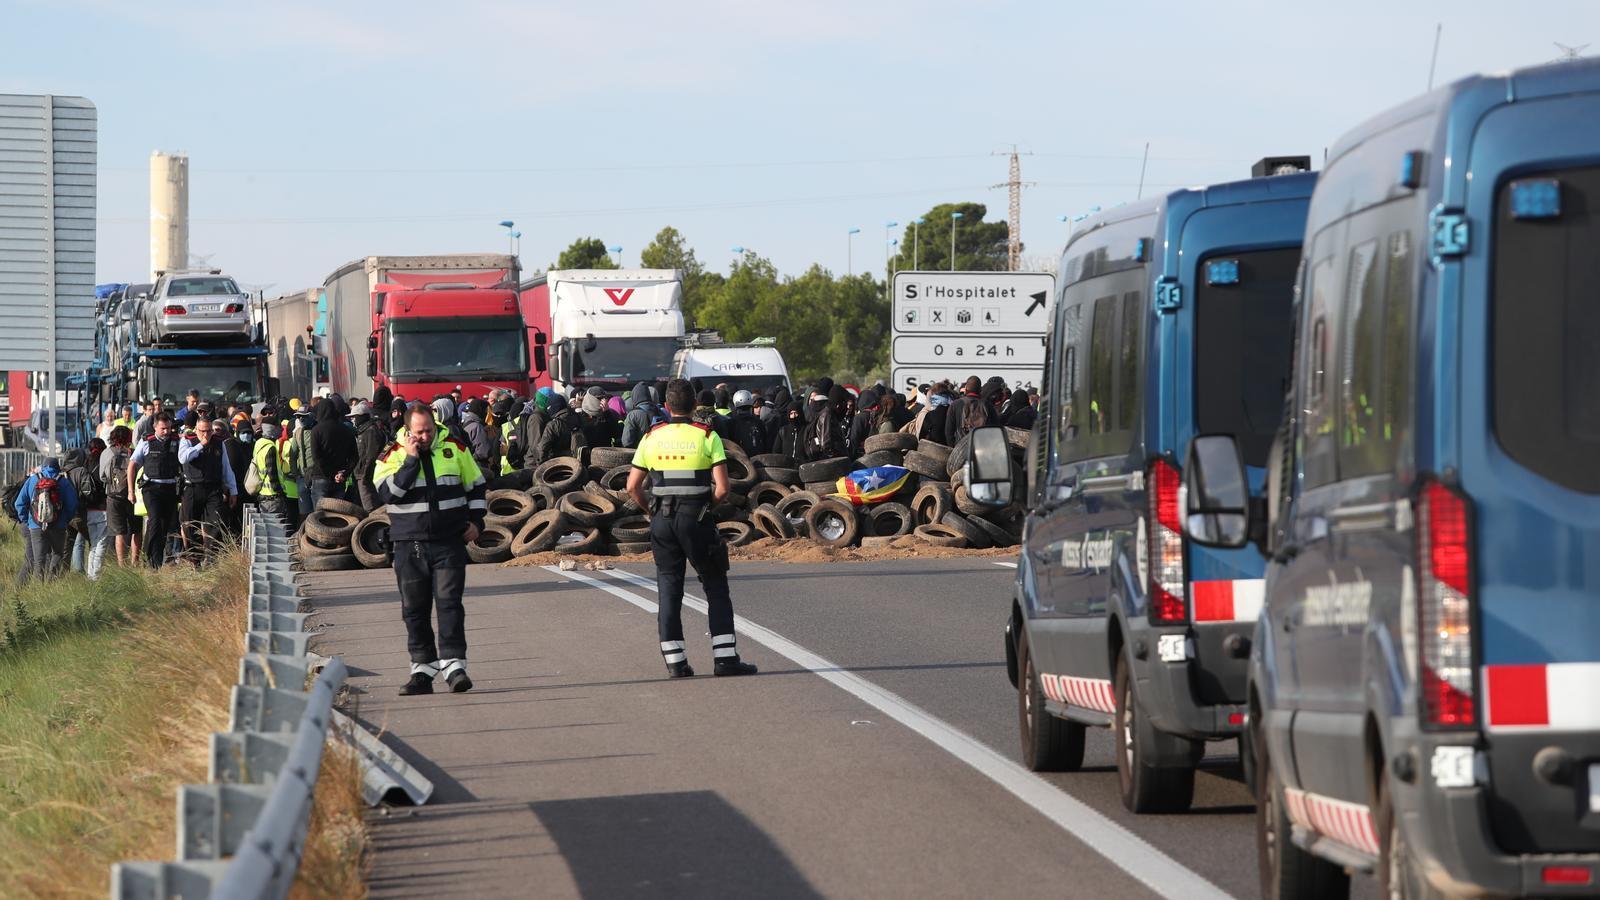 Els antiavalots mantenen un cordó de seguretat entre els CDR Tarragona i els conductors atrapats pel tall a l'autopista AP-7 a l'Hospitalet de l'Infant.